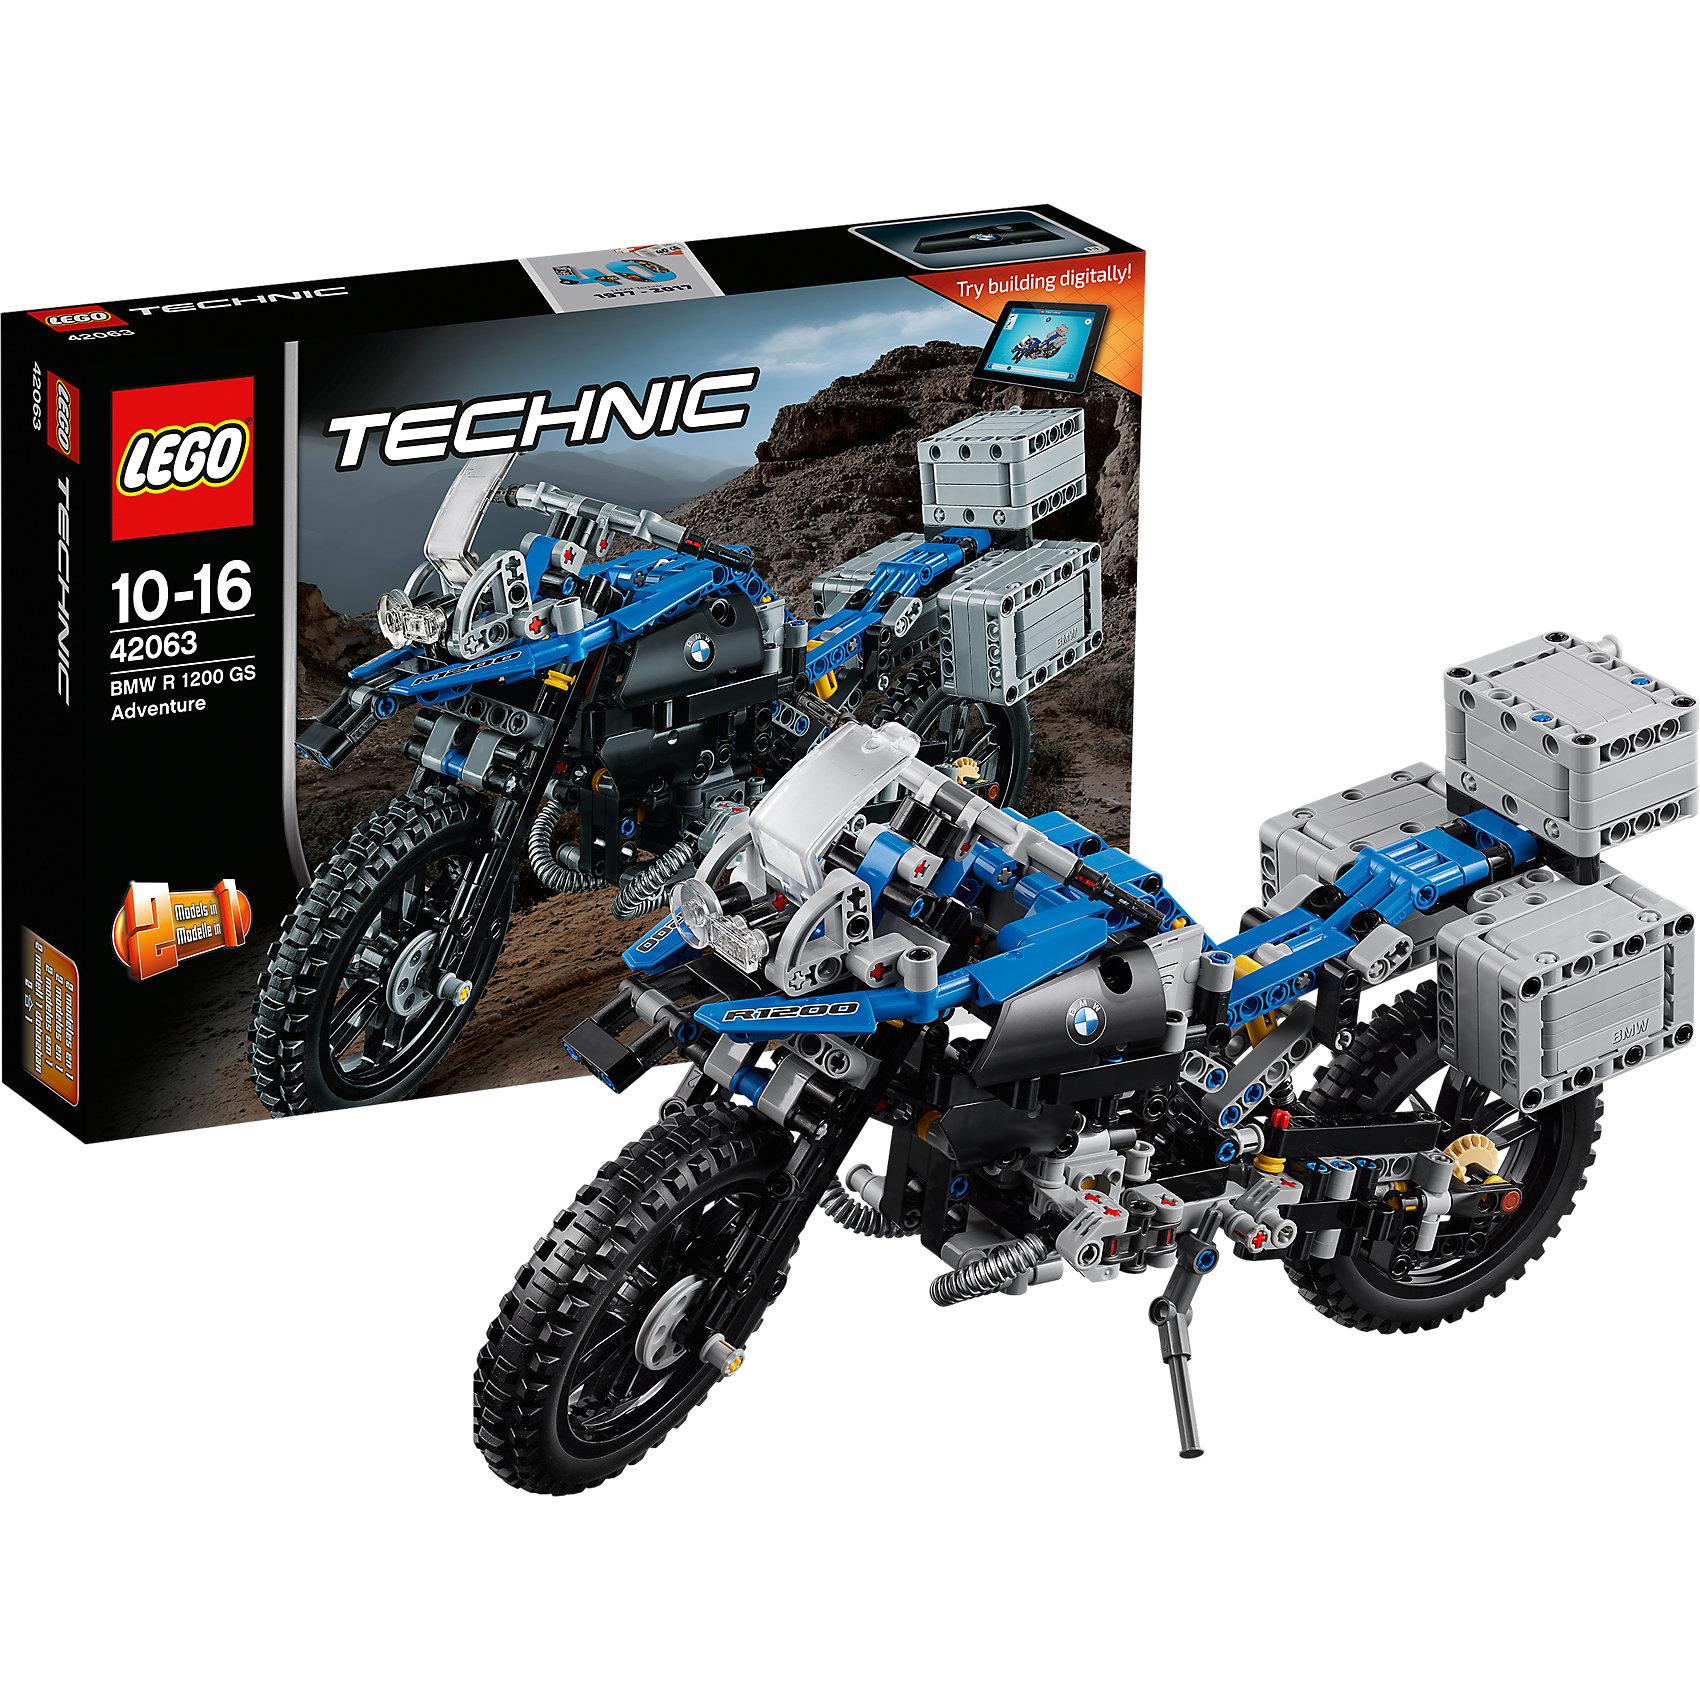 LEGO Technic 42063: Приключения на BMW R 1200 GSLEGO Technic 42063: Приключения на BMW R 1200 GS<br><br>Характеристики:<br><br>- в набор входит: детали мотоцикла, наклейки, инструкция по сборке<br>- состав: пластик<br>- количество деталей: 603<br>- приблизительное время сборки: 75 мин.<br>- размер упаковки: 36 * 7 * 26 см.<br>- размер мотоцикла: 33 * 10,5 * 18 см.<br>- для детей в возрасте: от 10 до 16 лет<br>- Страна производитель: Дания/Китай/Чехия<br>Легендарный конструктор LEGO (ЛЕГО) представляет серию «Technic», которая бросает вызов уже опытным строителям ЛЕГО. <br><br>Ваш ребенок может строить продвинутые модели с реальными функциями, такими как коробки передач и системы рулевого управления. В набор включена уникальная деталь, посвященная сорокалетию серии. Наслаждайтесь строительством нового реалистичного мотоцикла BMW R 1200 GS с полной амортизацией колес, поворачивающимся передним колесом и надежной подножкой. Три грузовых отделения открываются и могут быть сняты. При движении механизм имитирует работу двигателя мотоцикла и можно увидеть работу поршней. Мотоцикл перестраивается в новую скоростную модель, разработанную компанией BMW, обе модели имеют дополнительные объемные интерактивные инструкции на вебсайте ЛЕГО.<br><br>Играя с конструктором ребенок развивает моторику рук, воображение и логическое мышление, научится собирать по инструкции и создавать свои модели. Принимайте новые вызовы по сборке моделей и придумывайте новые истории с набором LEGO «Technic»!<br><br>Конструктор LEGO Technic 42063: Приключения на BMW R 1200 GS можно купить в нашем интернет-магазине.<br><br>Ширина мм: 385<br>Глубина мм: 263<br>Высота мм: 76<br>Вес г: 940<br>Возраст от месяцев: 120<br>Возраст до месяцев: 192<br>Пол: Мужской<br>Возраст: Детский<br>SKU: 5002538